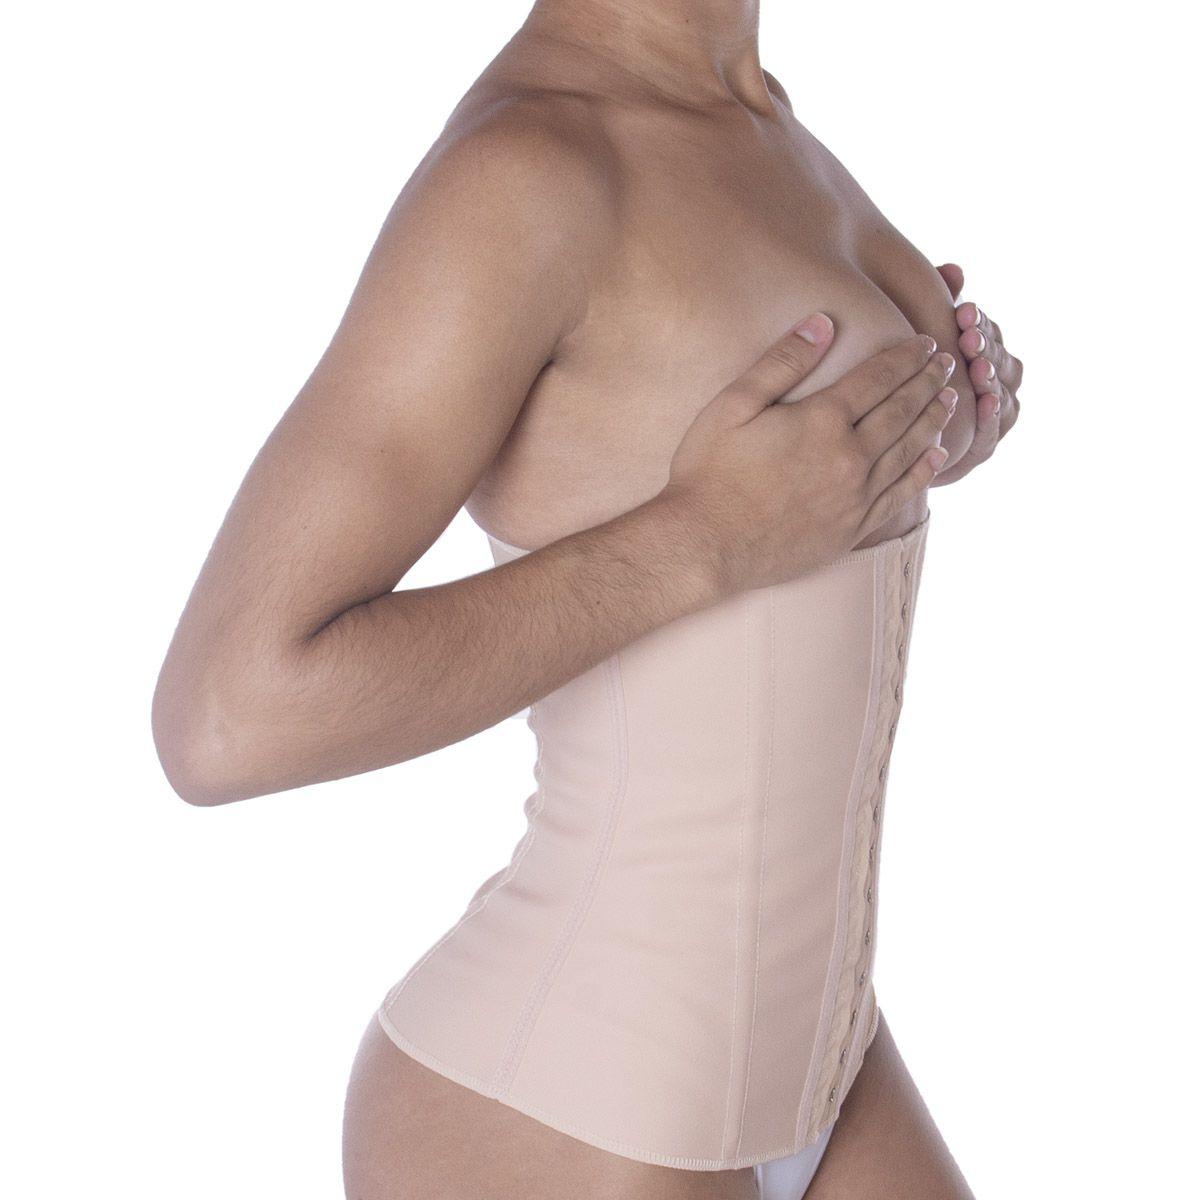 Cinta Modeladora Emborrachada Esbelt - Cotton  shaper feminino